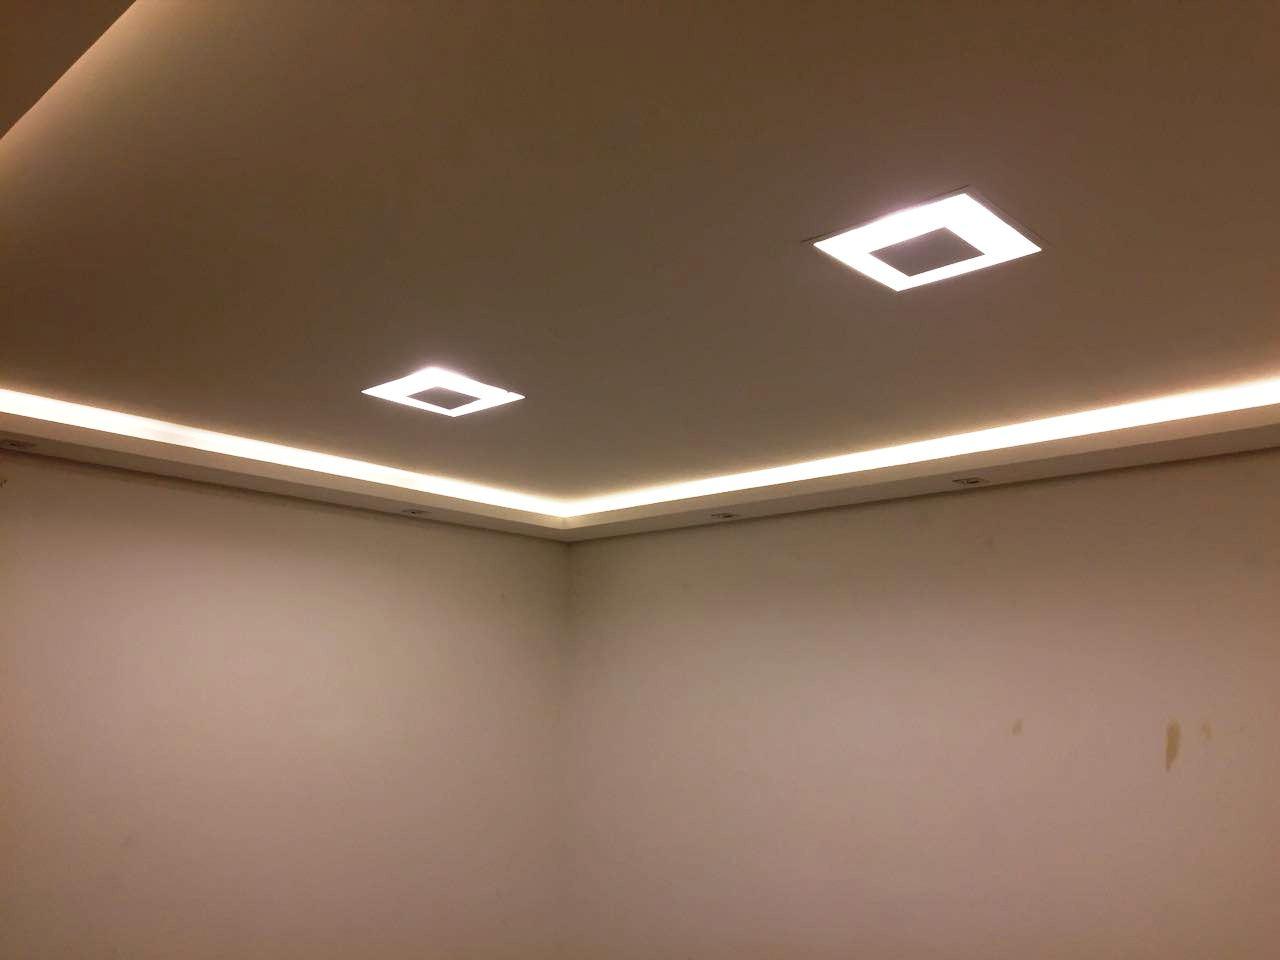 Gesso Campinas Forro De Gesso Sancas E Ilumina O Drywall  -> Sancas De Gesso Para Sala Fotos